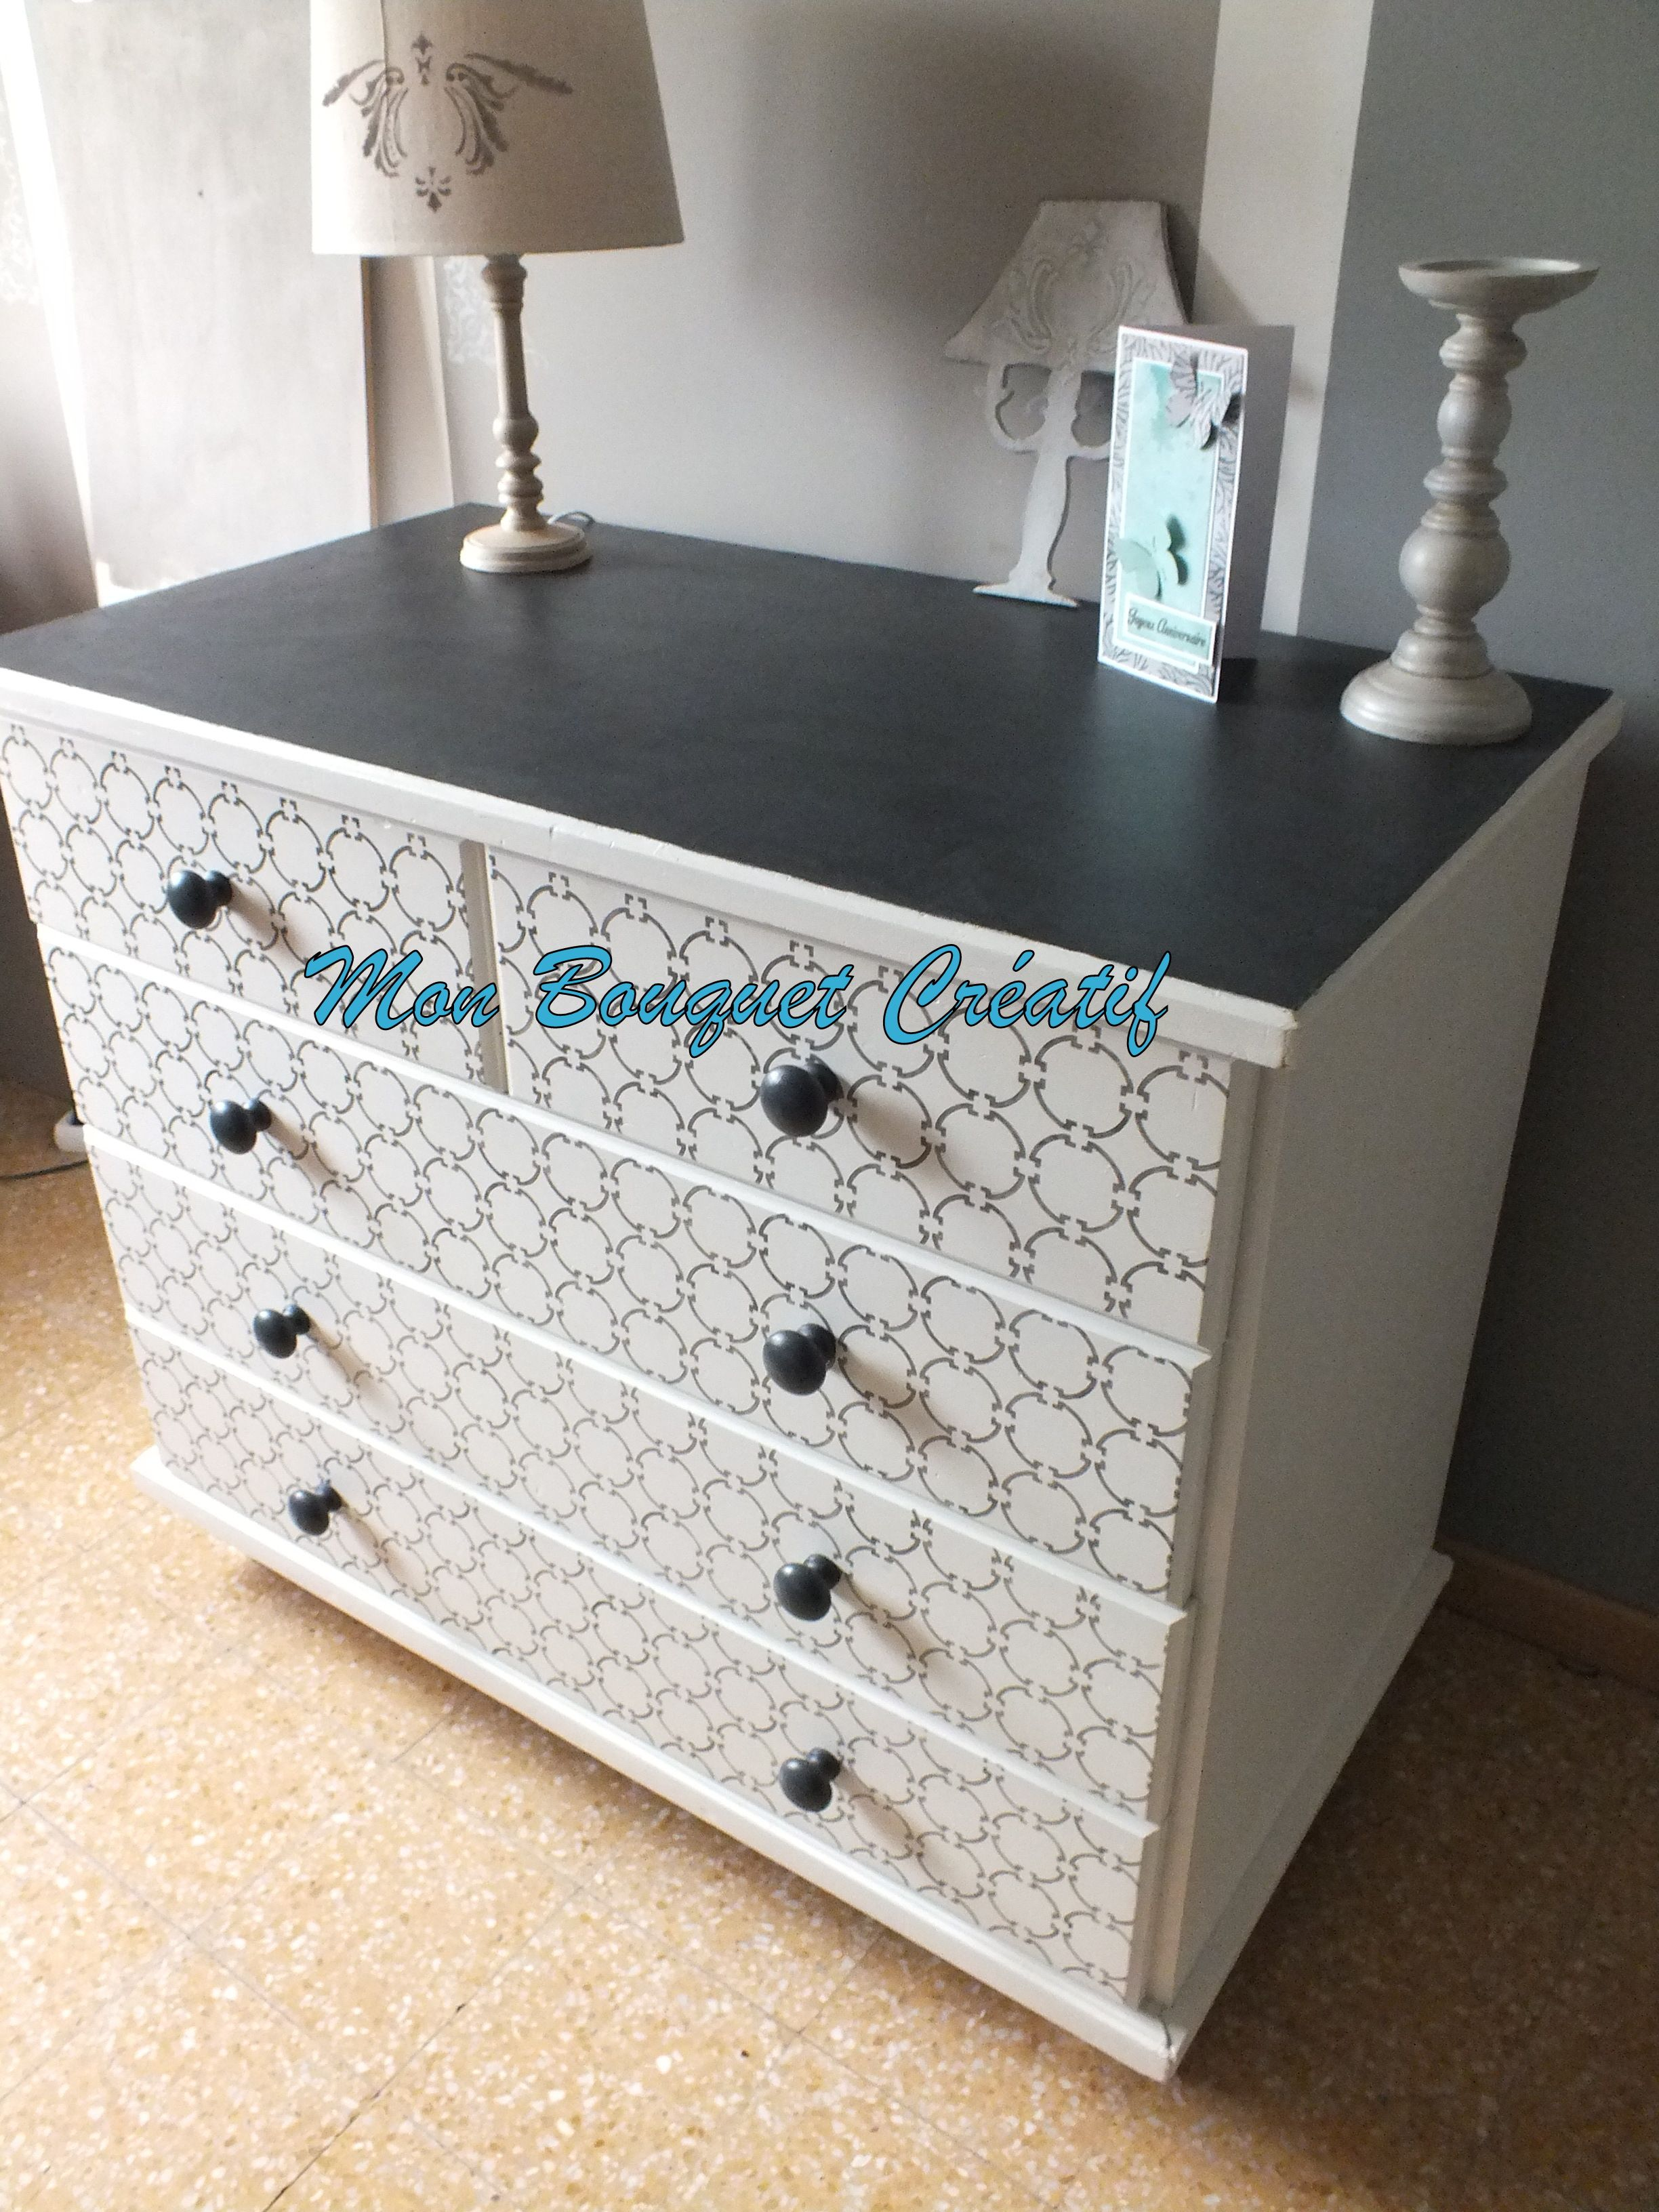 commode plateau b ton charbon meringue et pochoir el onore d co chambre bb pinterest art. Black Bedroom Furniture Sets. Home Design Ideas